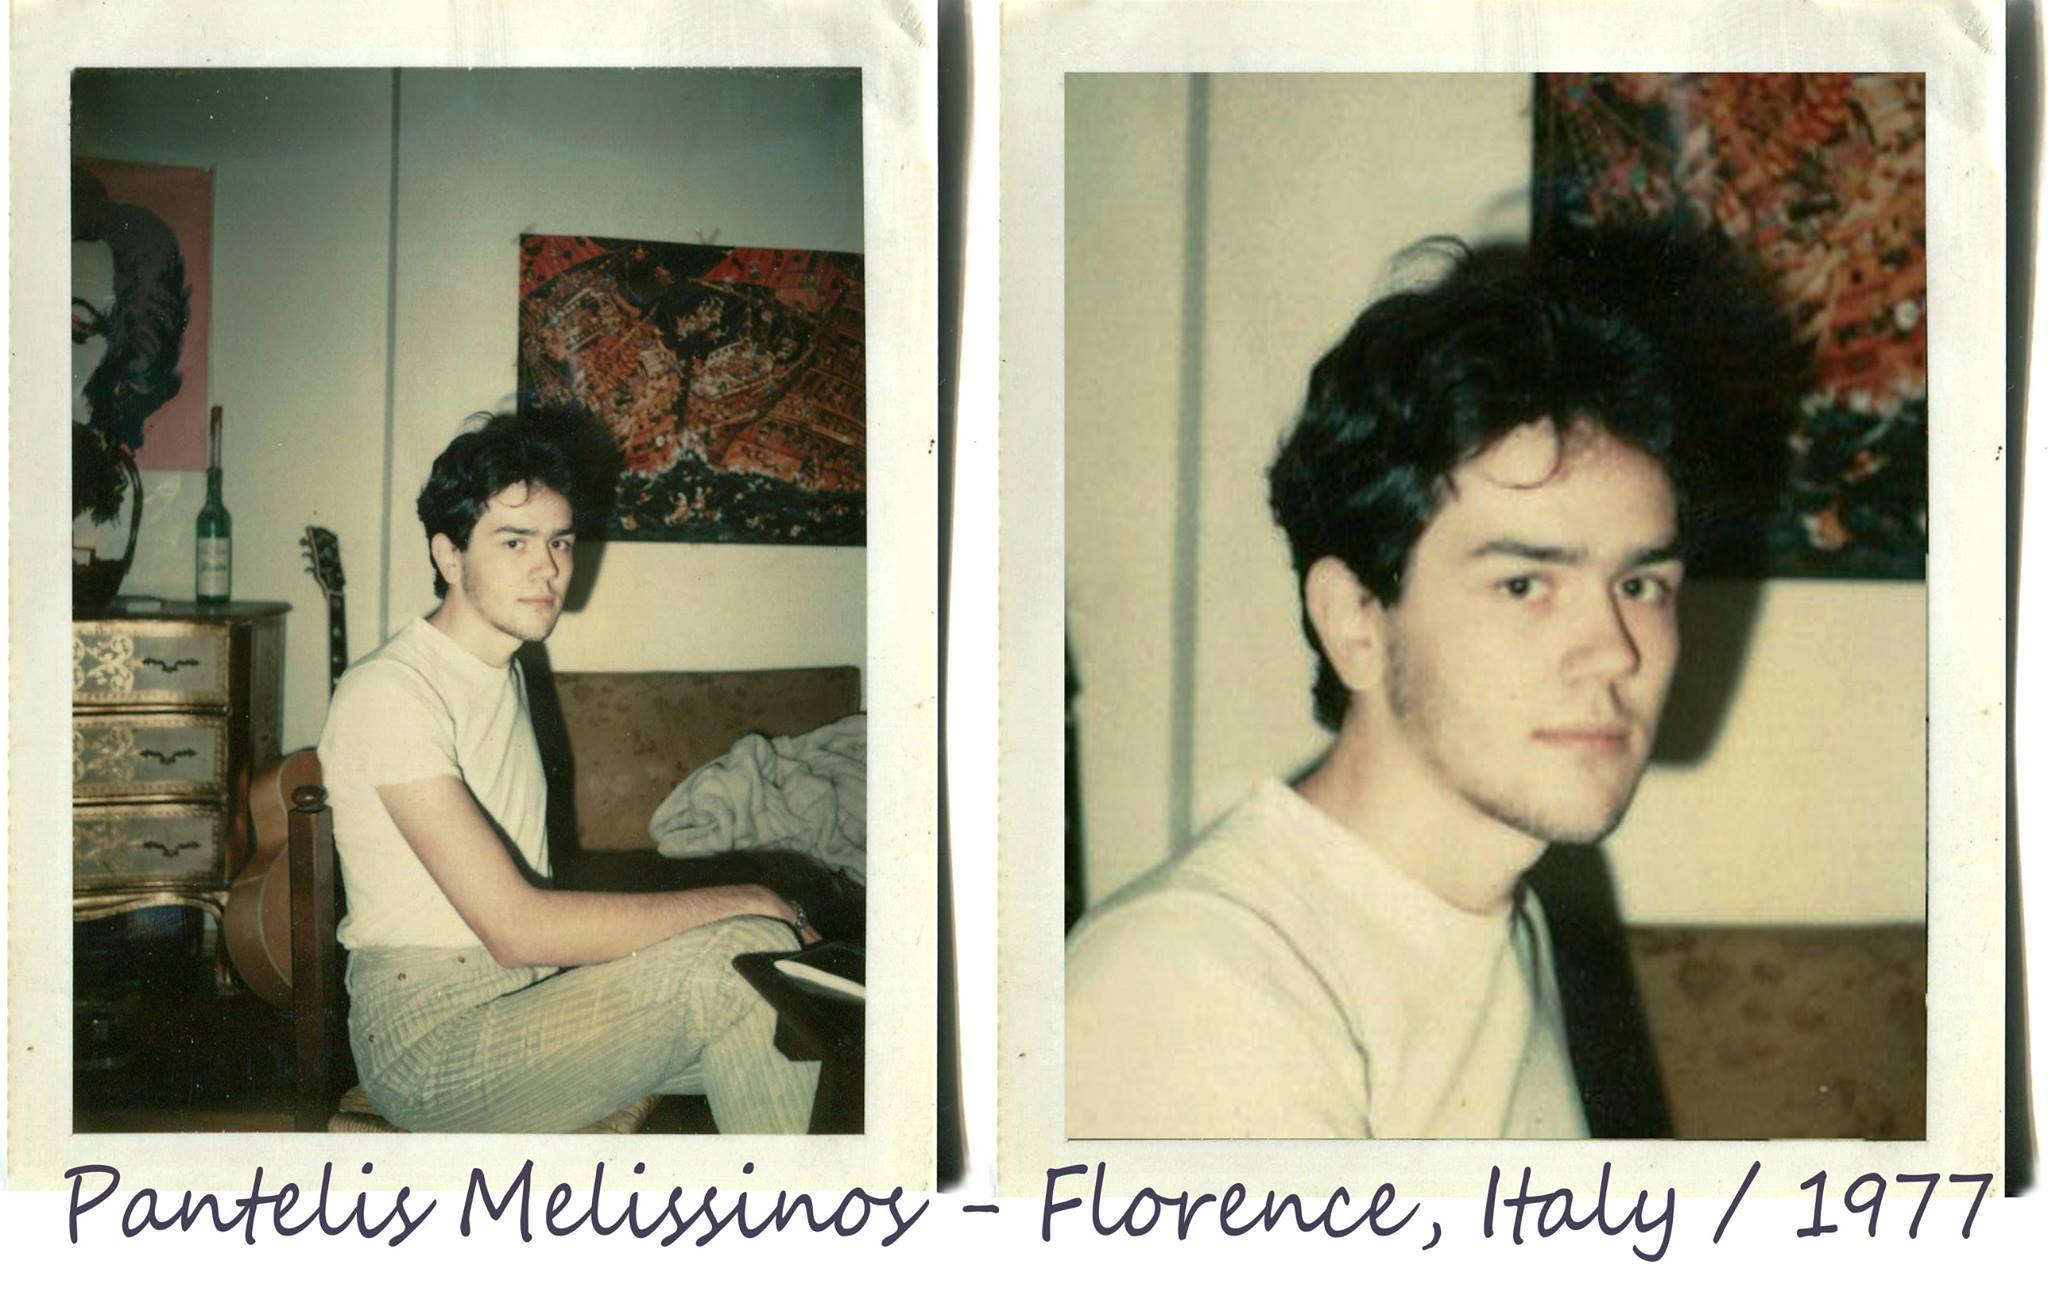 Ο Παντελής Μελισσινός ως νεαρός φοιτητής στη Φλωρεντία